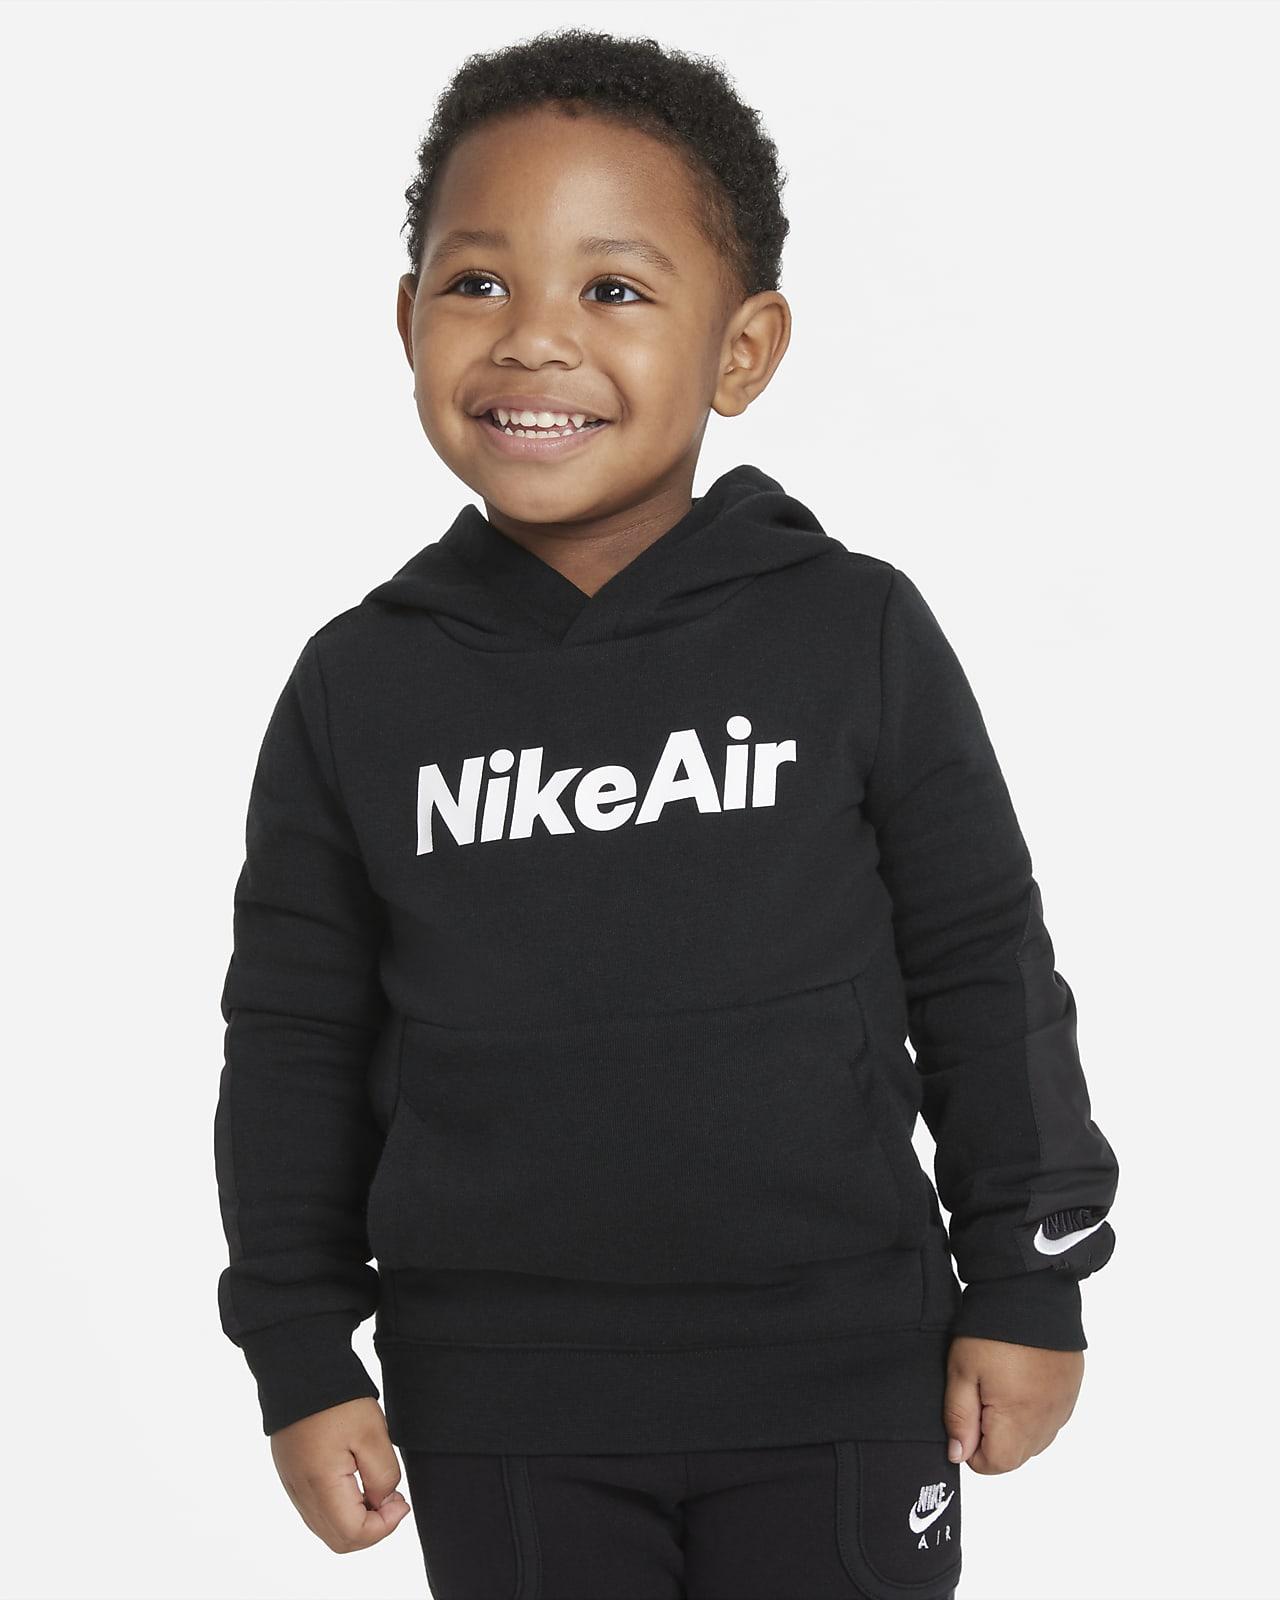 Nike Air Toddler Pullover Hoodie